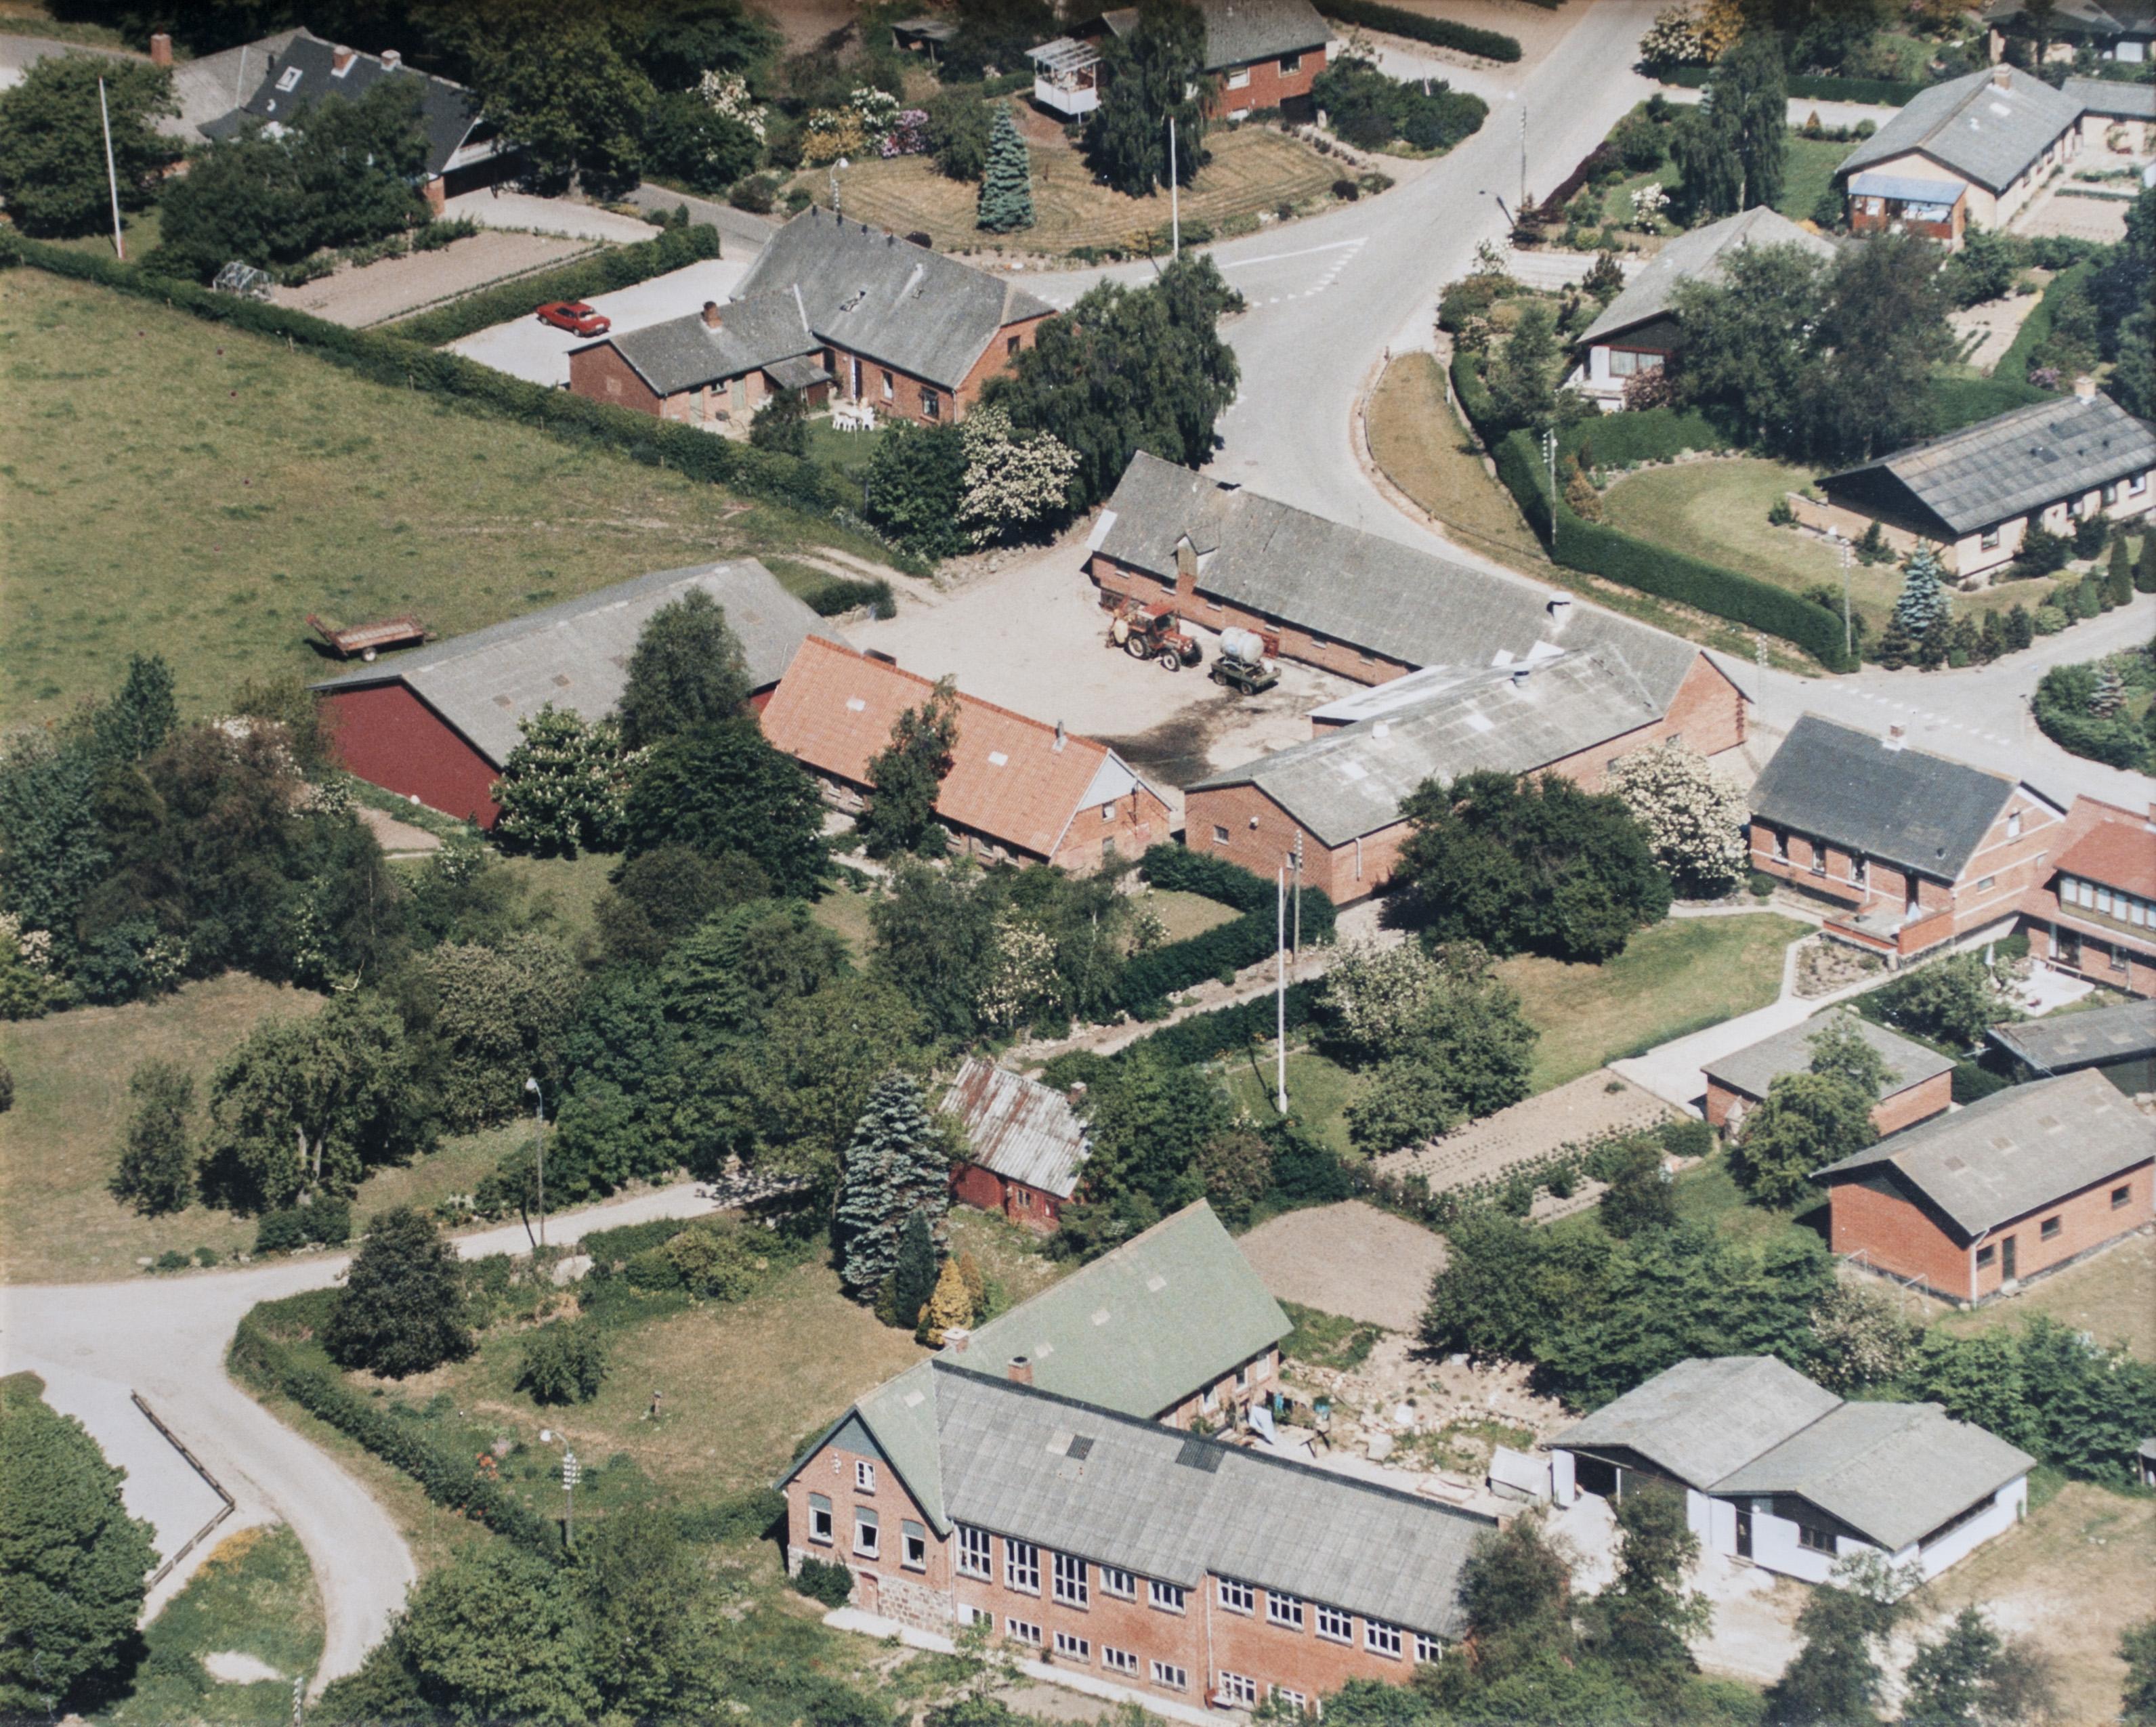 1989 - Læsten Skole nederst i billedet - set fra syd.